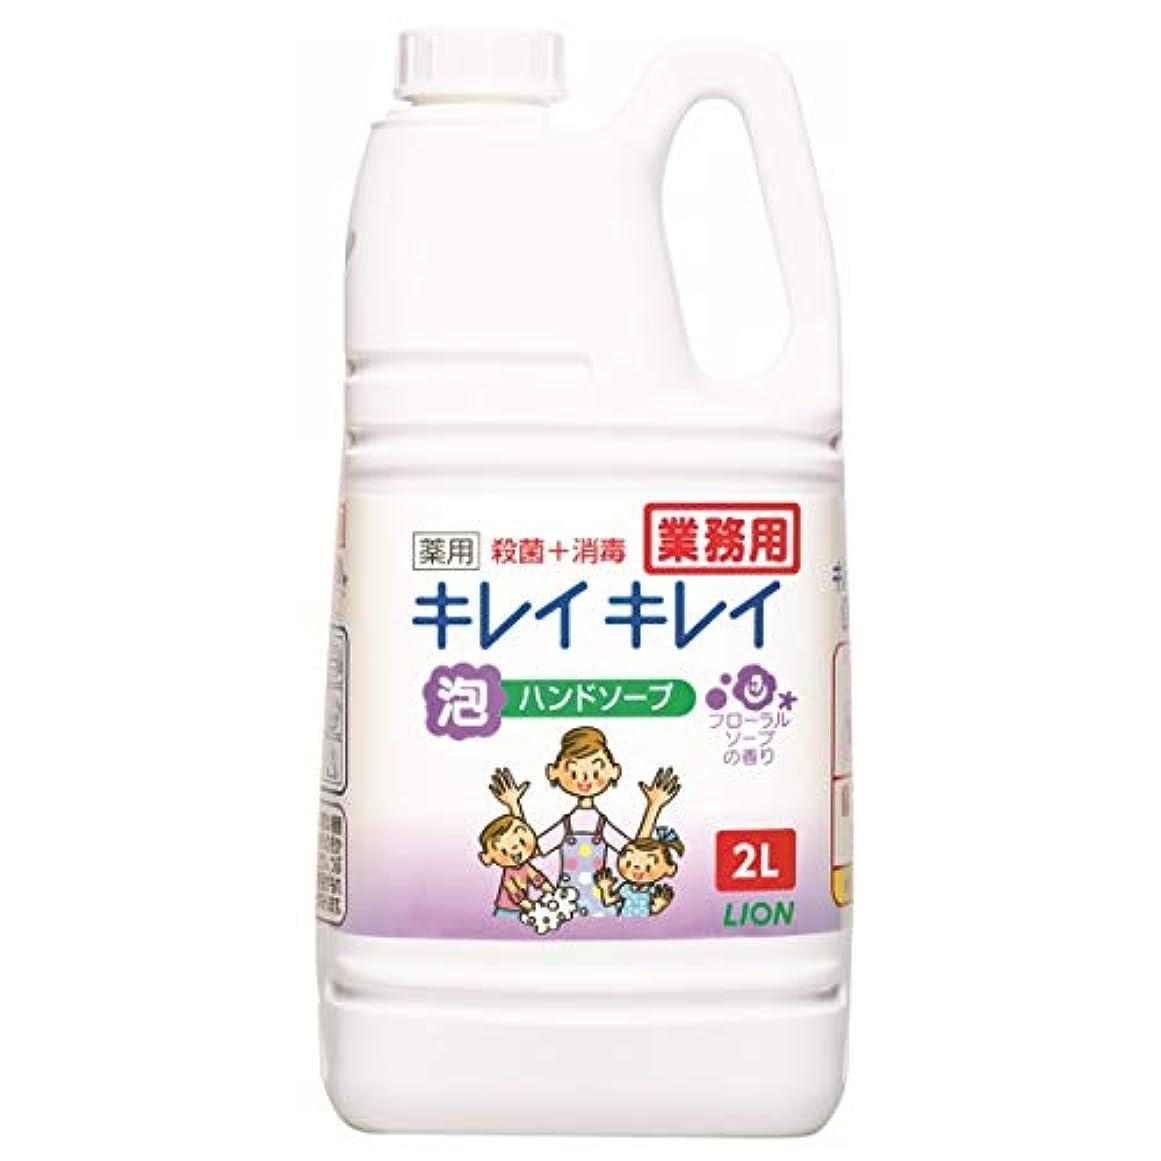 ヤングパニック初期の【大容量】キレイキレイ 薬用泡ハンドソープ フローラルソープの香り 2L